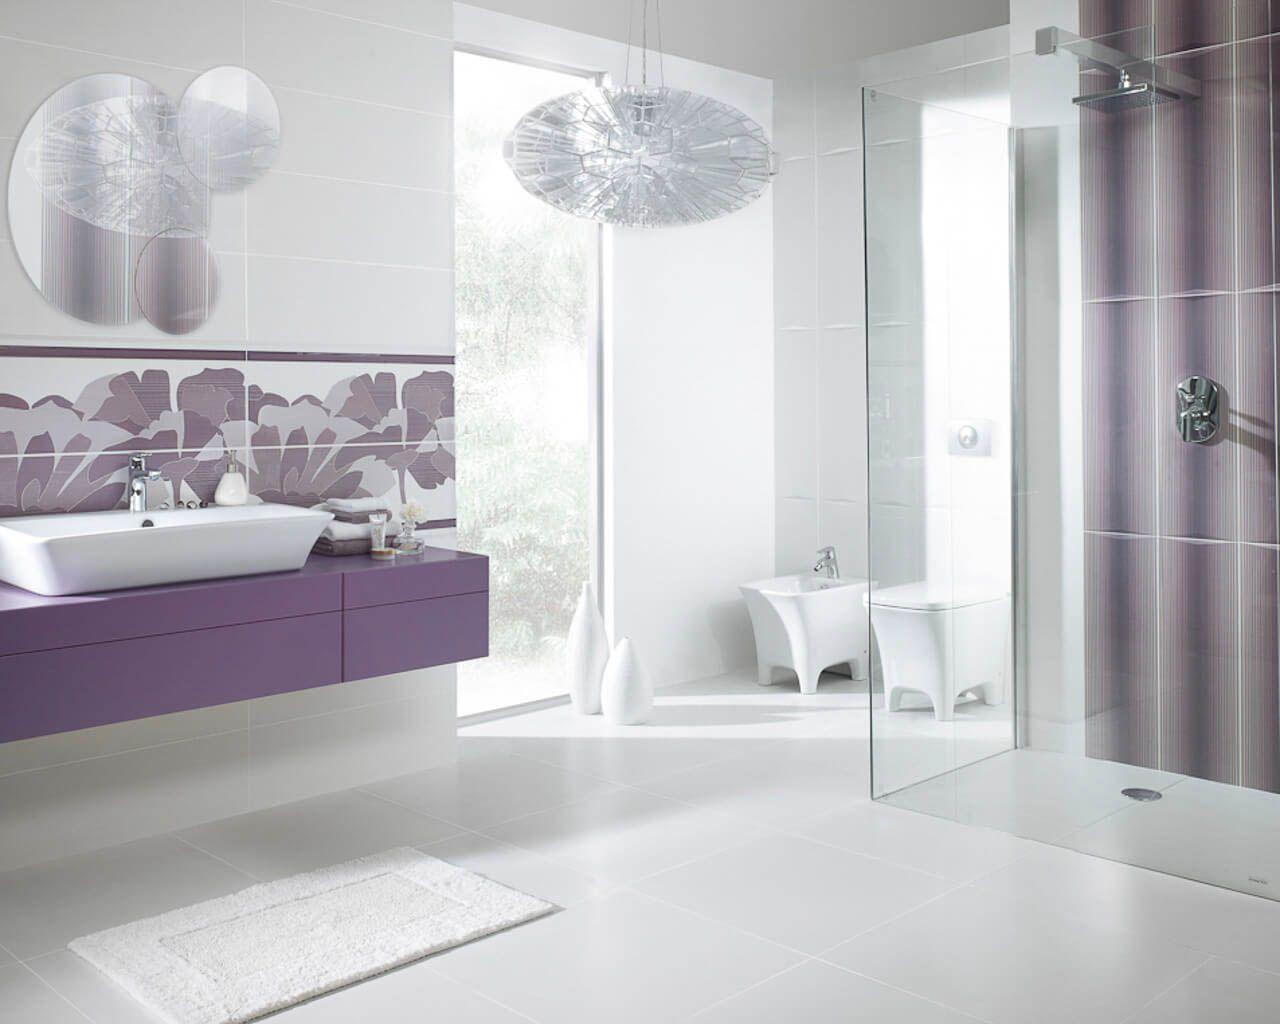 Biało Fioletowa łazienka Z Geometrycznymi Kwiatami